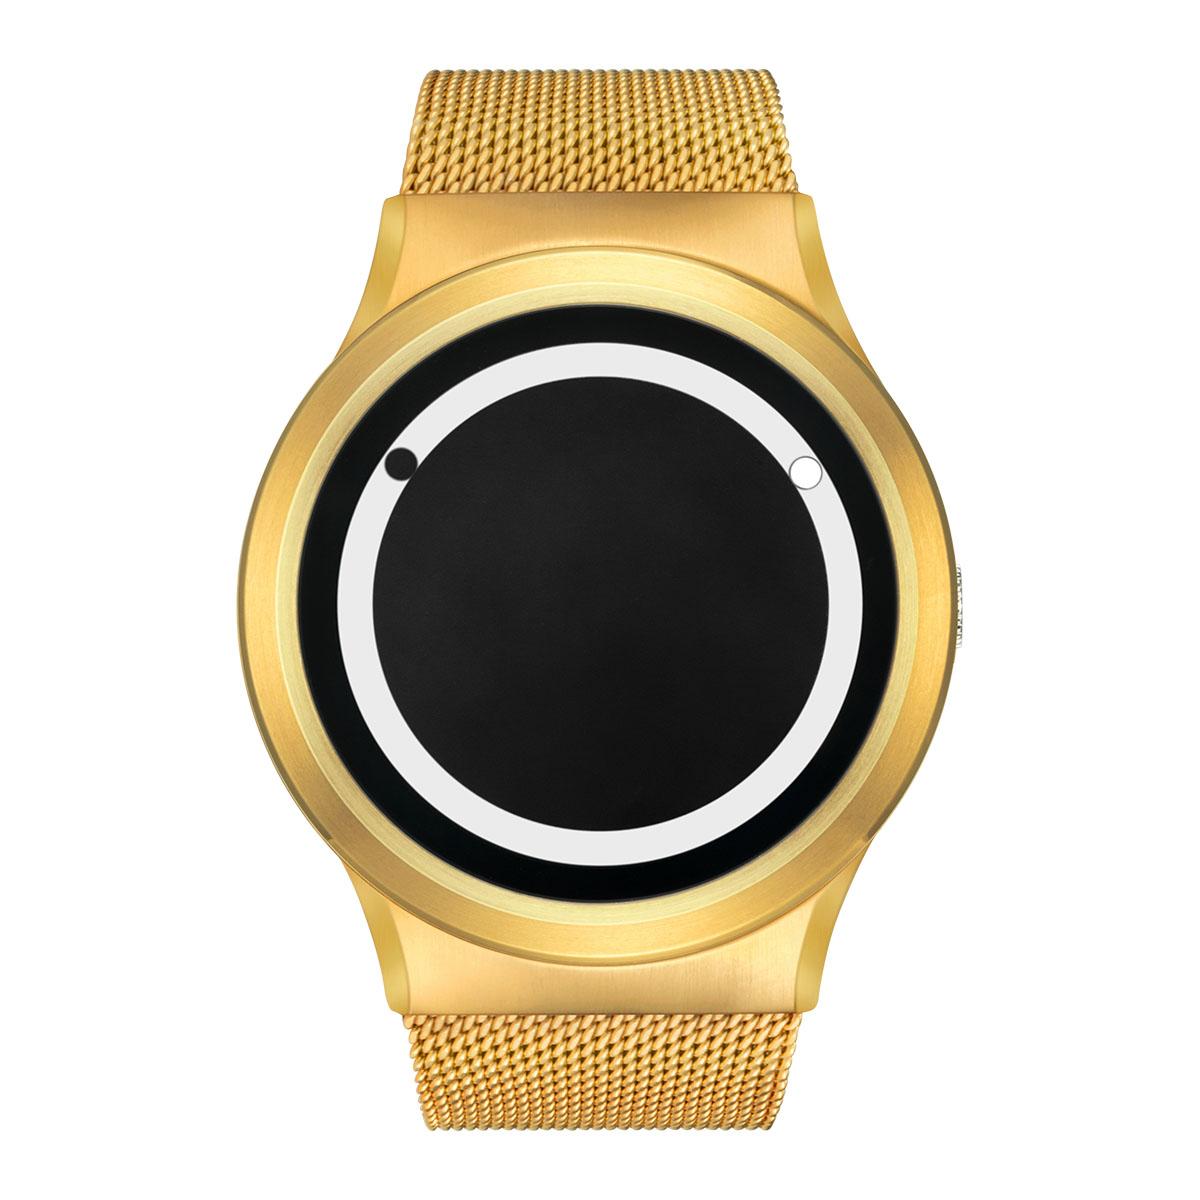 ZEROO PLANET ECLIPSE ゼロ 電池式クォーツ 腕時計 [W13030B04SM04] ホワイト デザインウォッチ ペア用 メンズ レディース ユニセックス おしゃれ時計 デザイナーズ